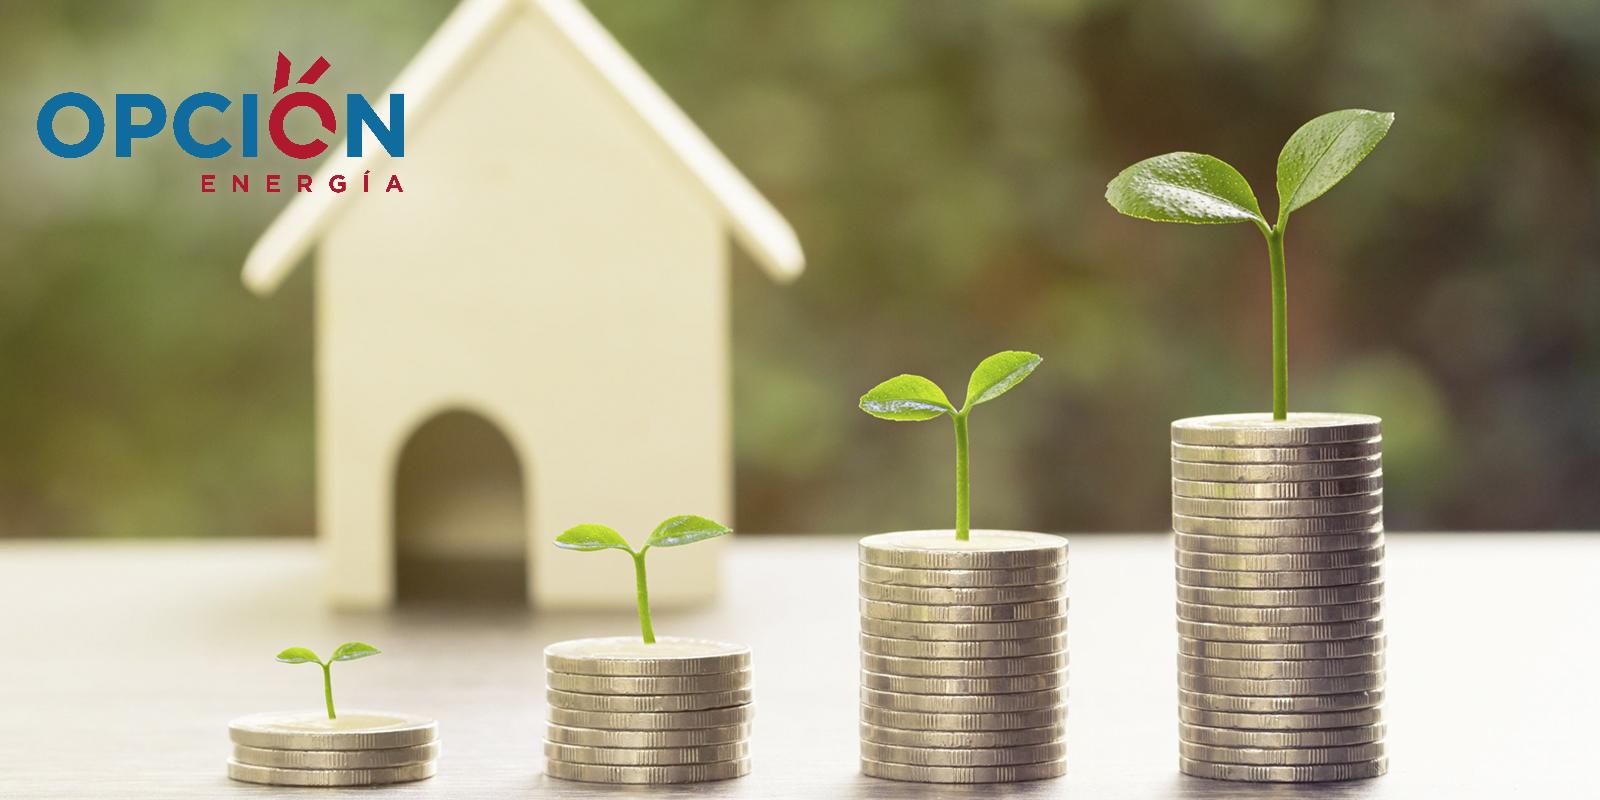 Ahorrar energía en casa tomando medidas muy sencillas